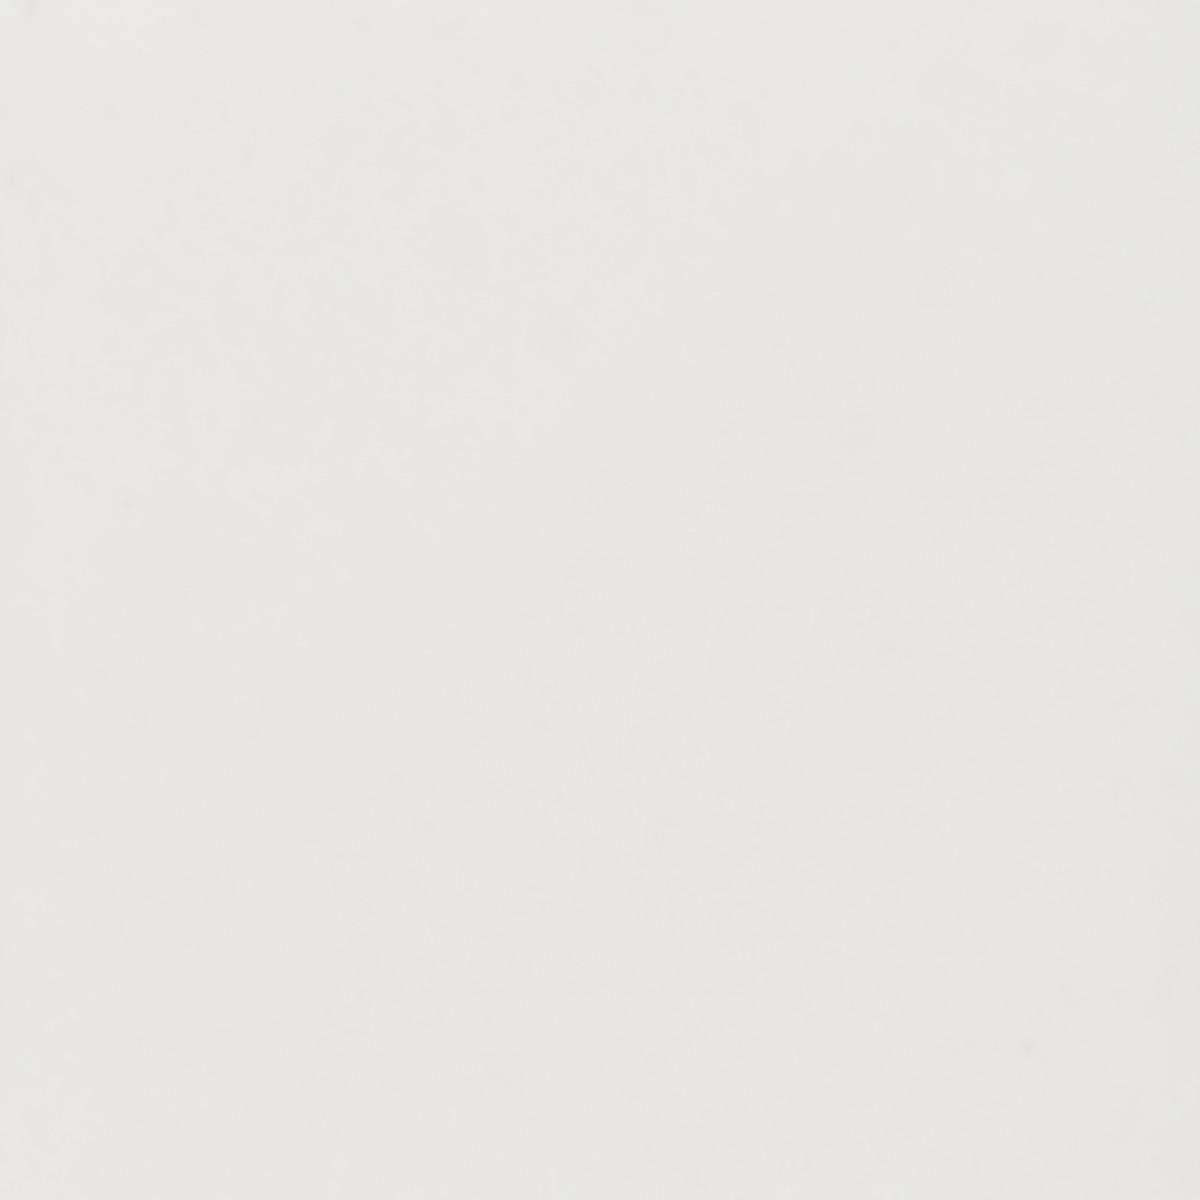 Кромочная Лента 16 3 М Цвет Белый